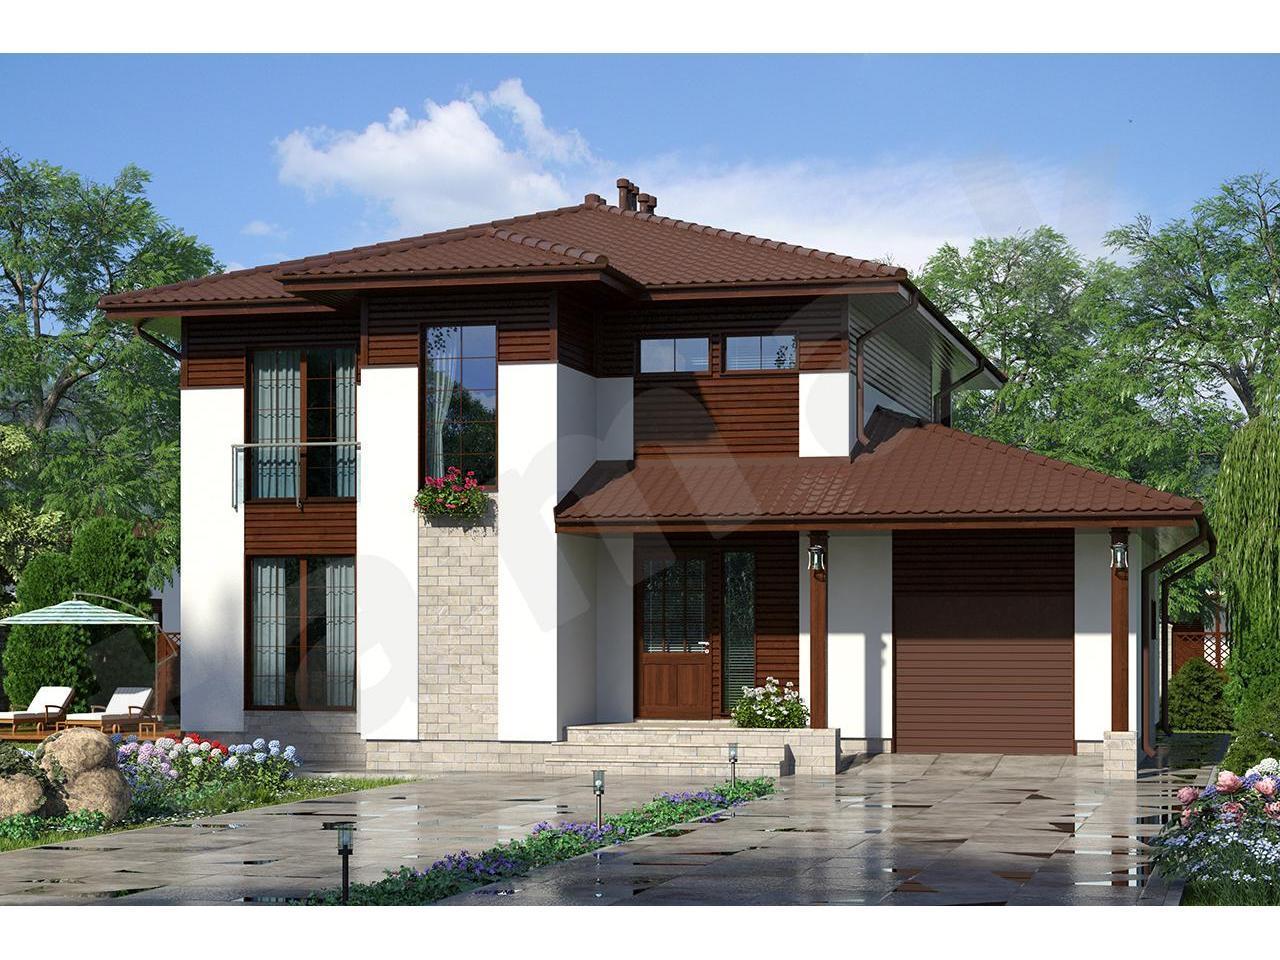 Партнер по продаже качественных домов заводского качества из ЦСП панелей - 6